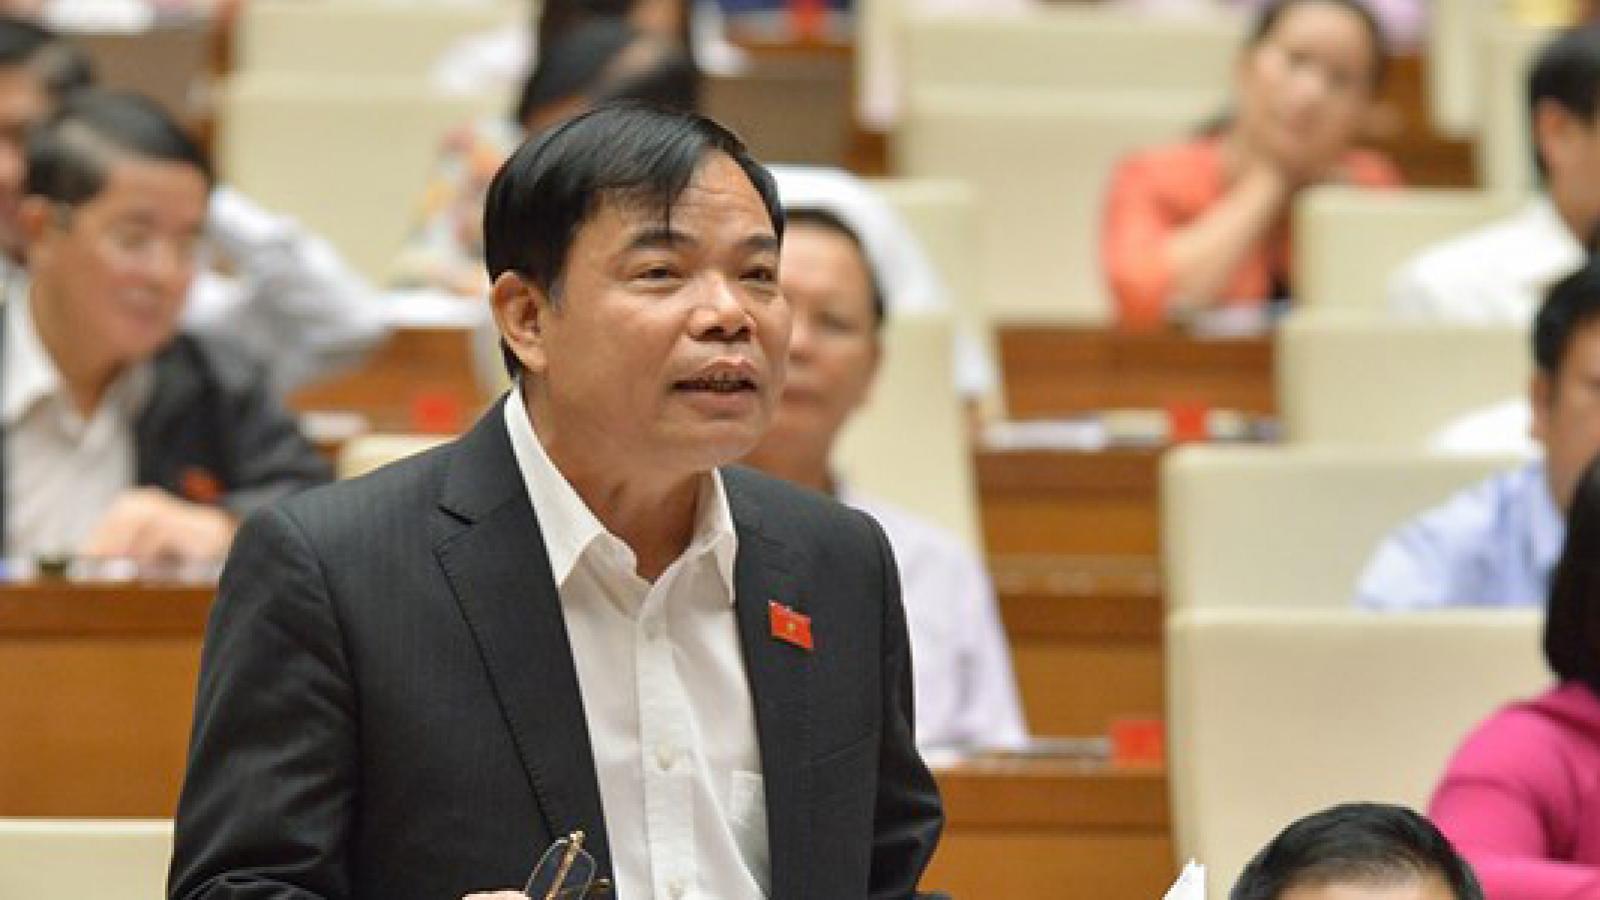 Bộ trưởng Nguyễn Xuân Cường: Độ che phủ rừng gần 42% là cố gắng vượt bậc